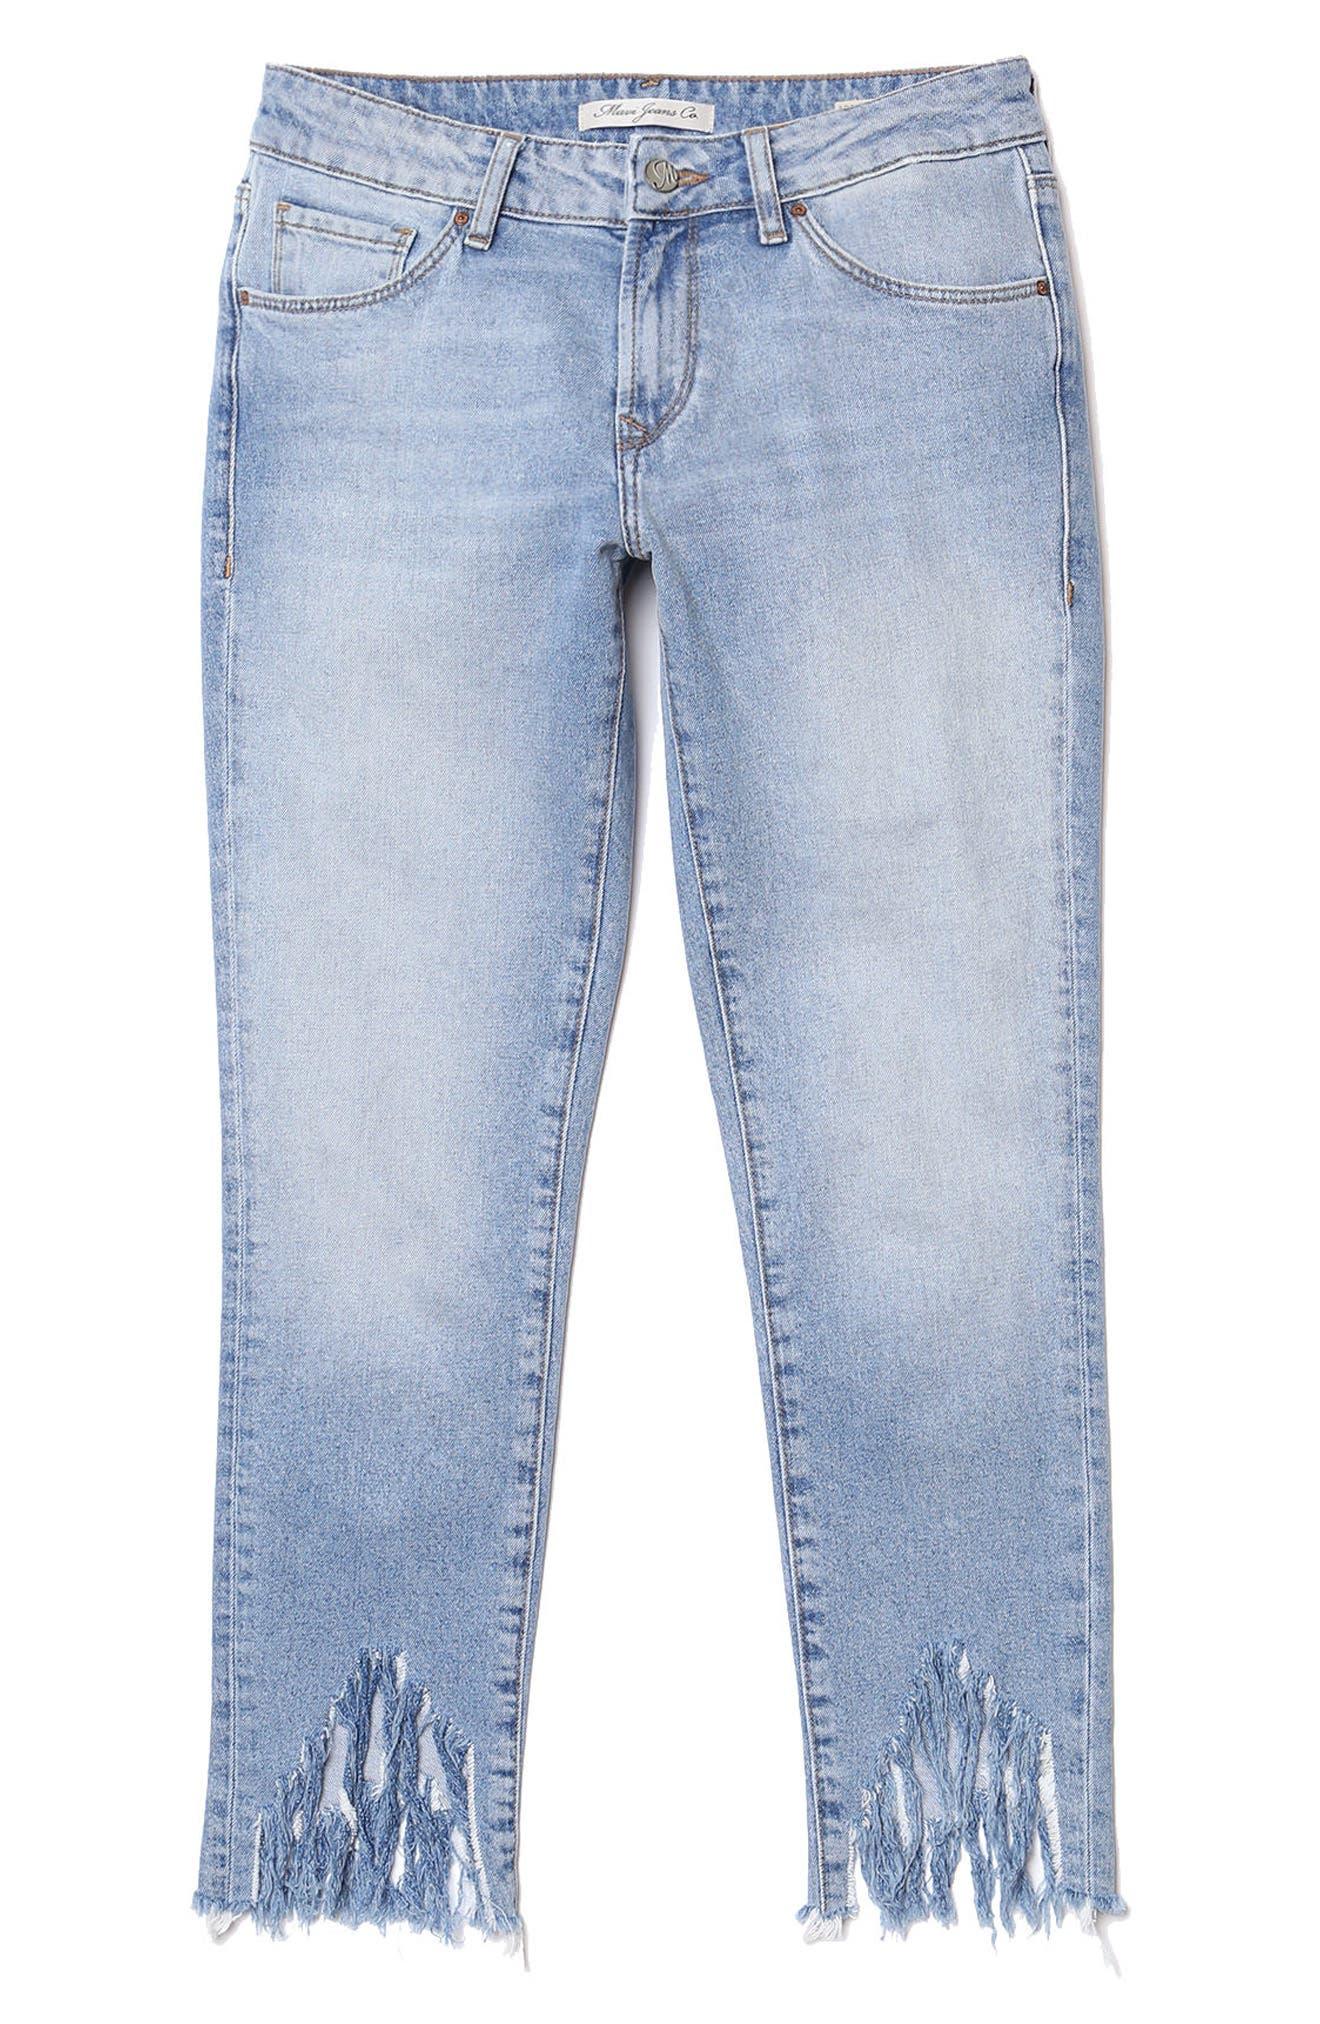 MAVI JEANS, Adriana Sharkbite Fringe Super Skinny Jeans, Alternate thumbnail 4, color, LIGHT FRINGE 90S